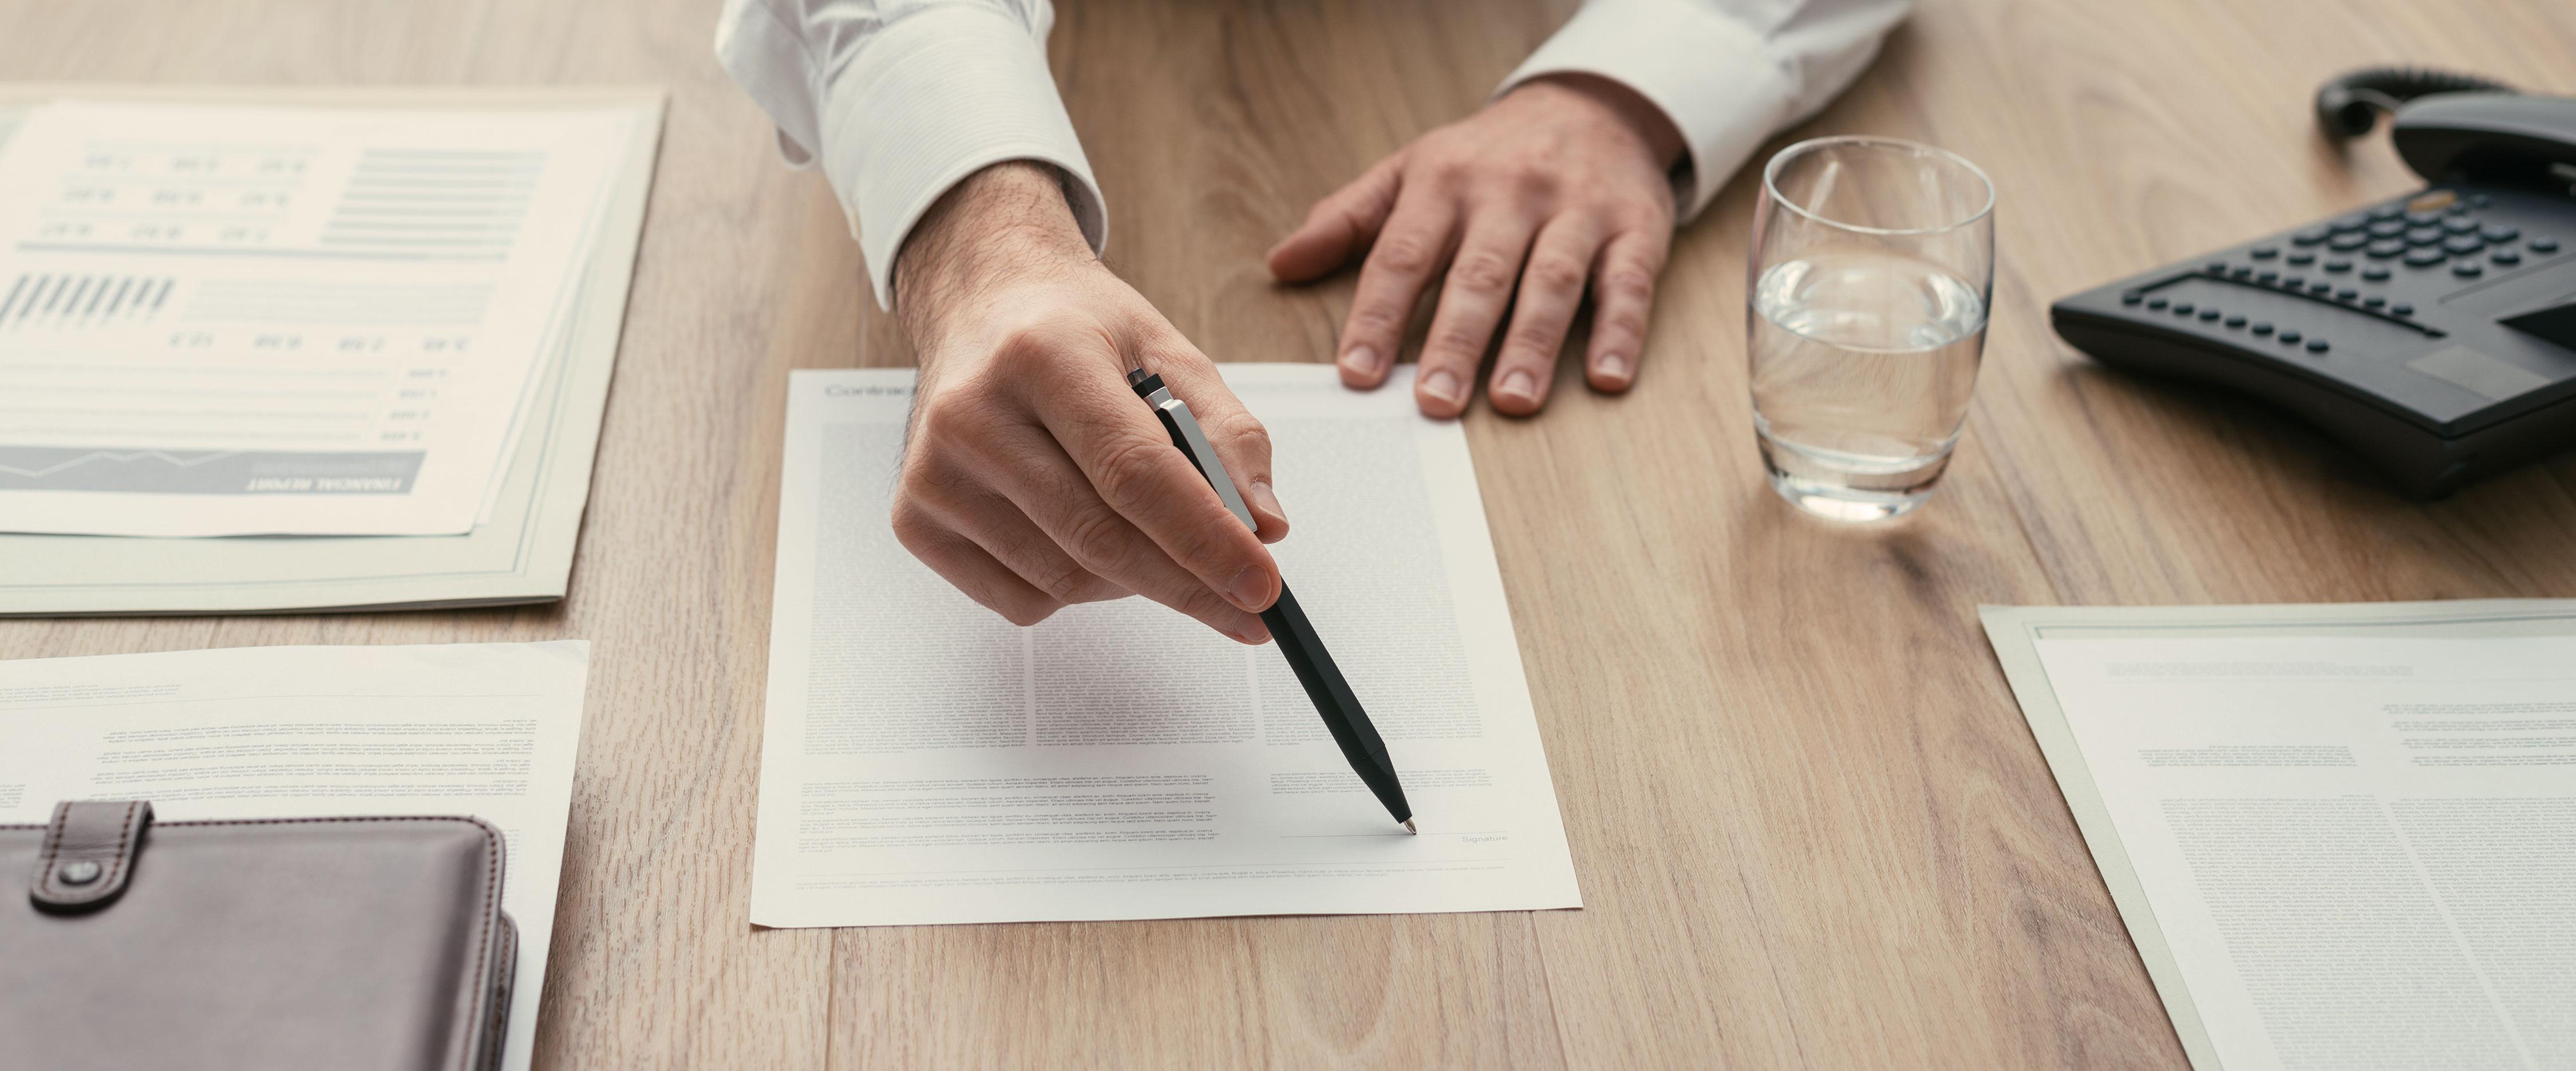 Hand mit Stift deutet auf Unterschriftenfeld in Dokument auf dem Schreibtisch